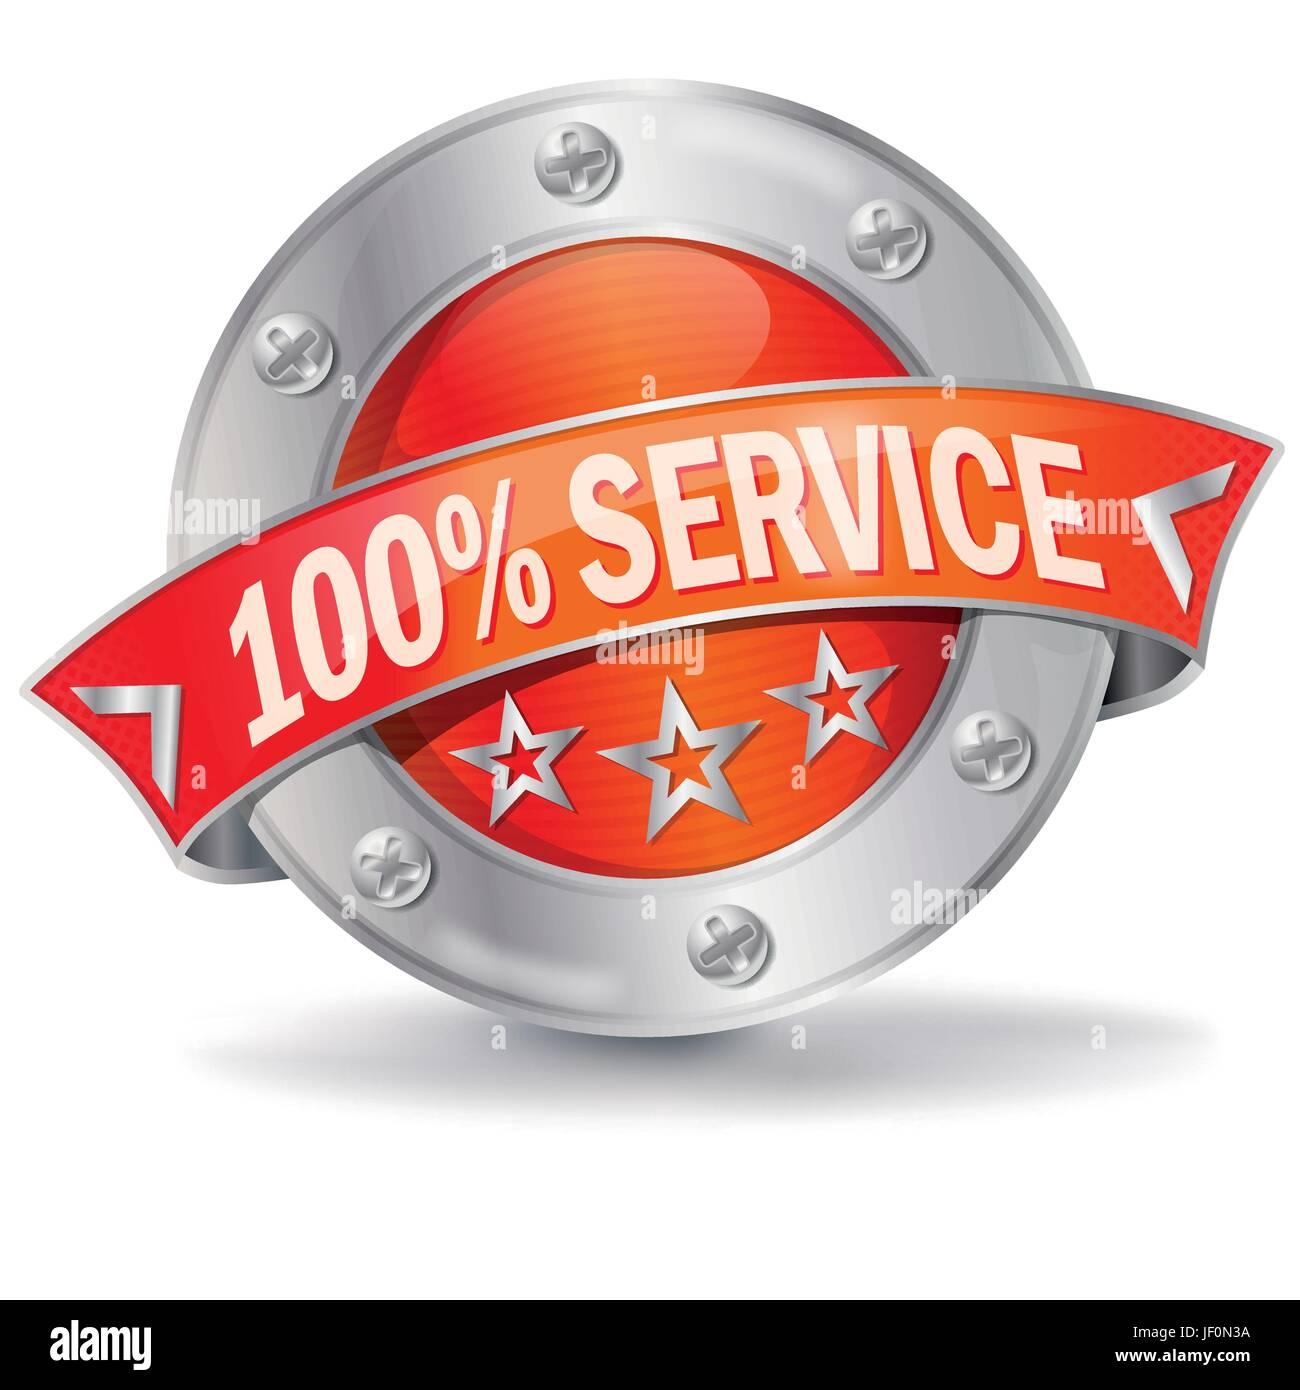 button 100% service - Stock Vector